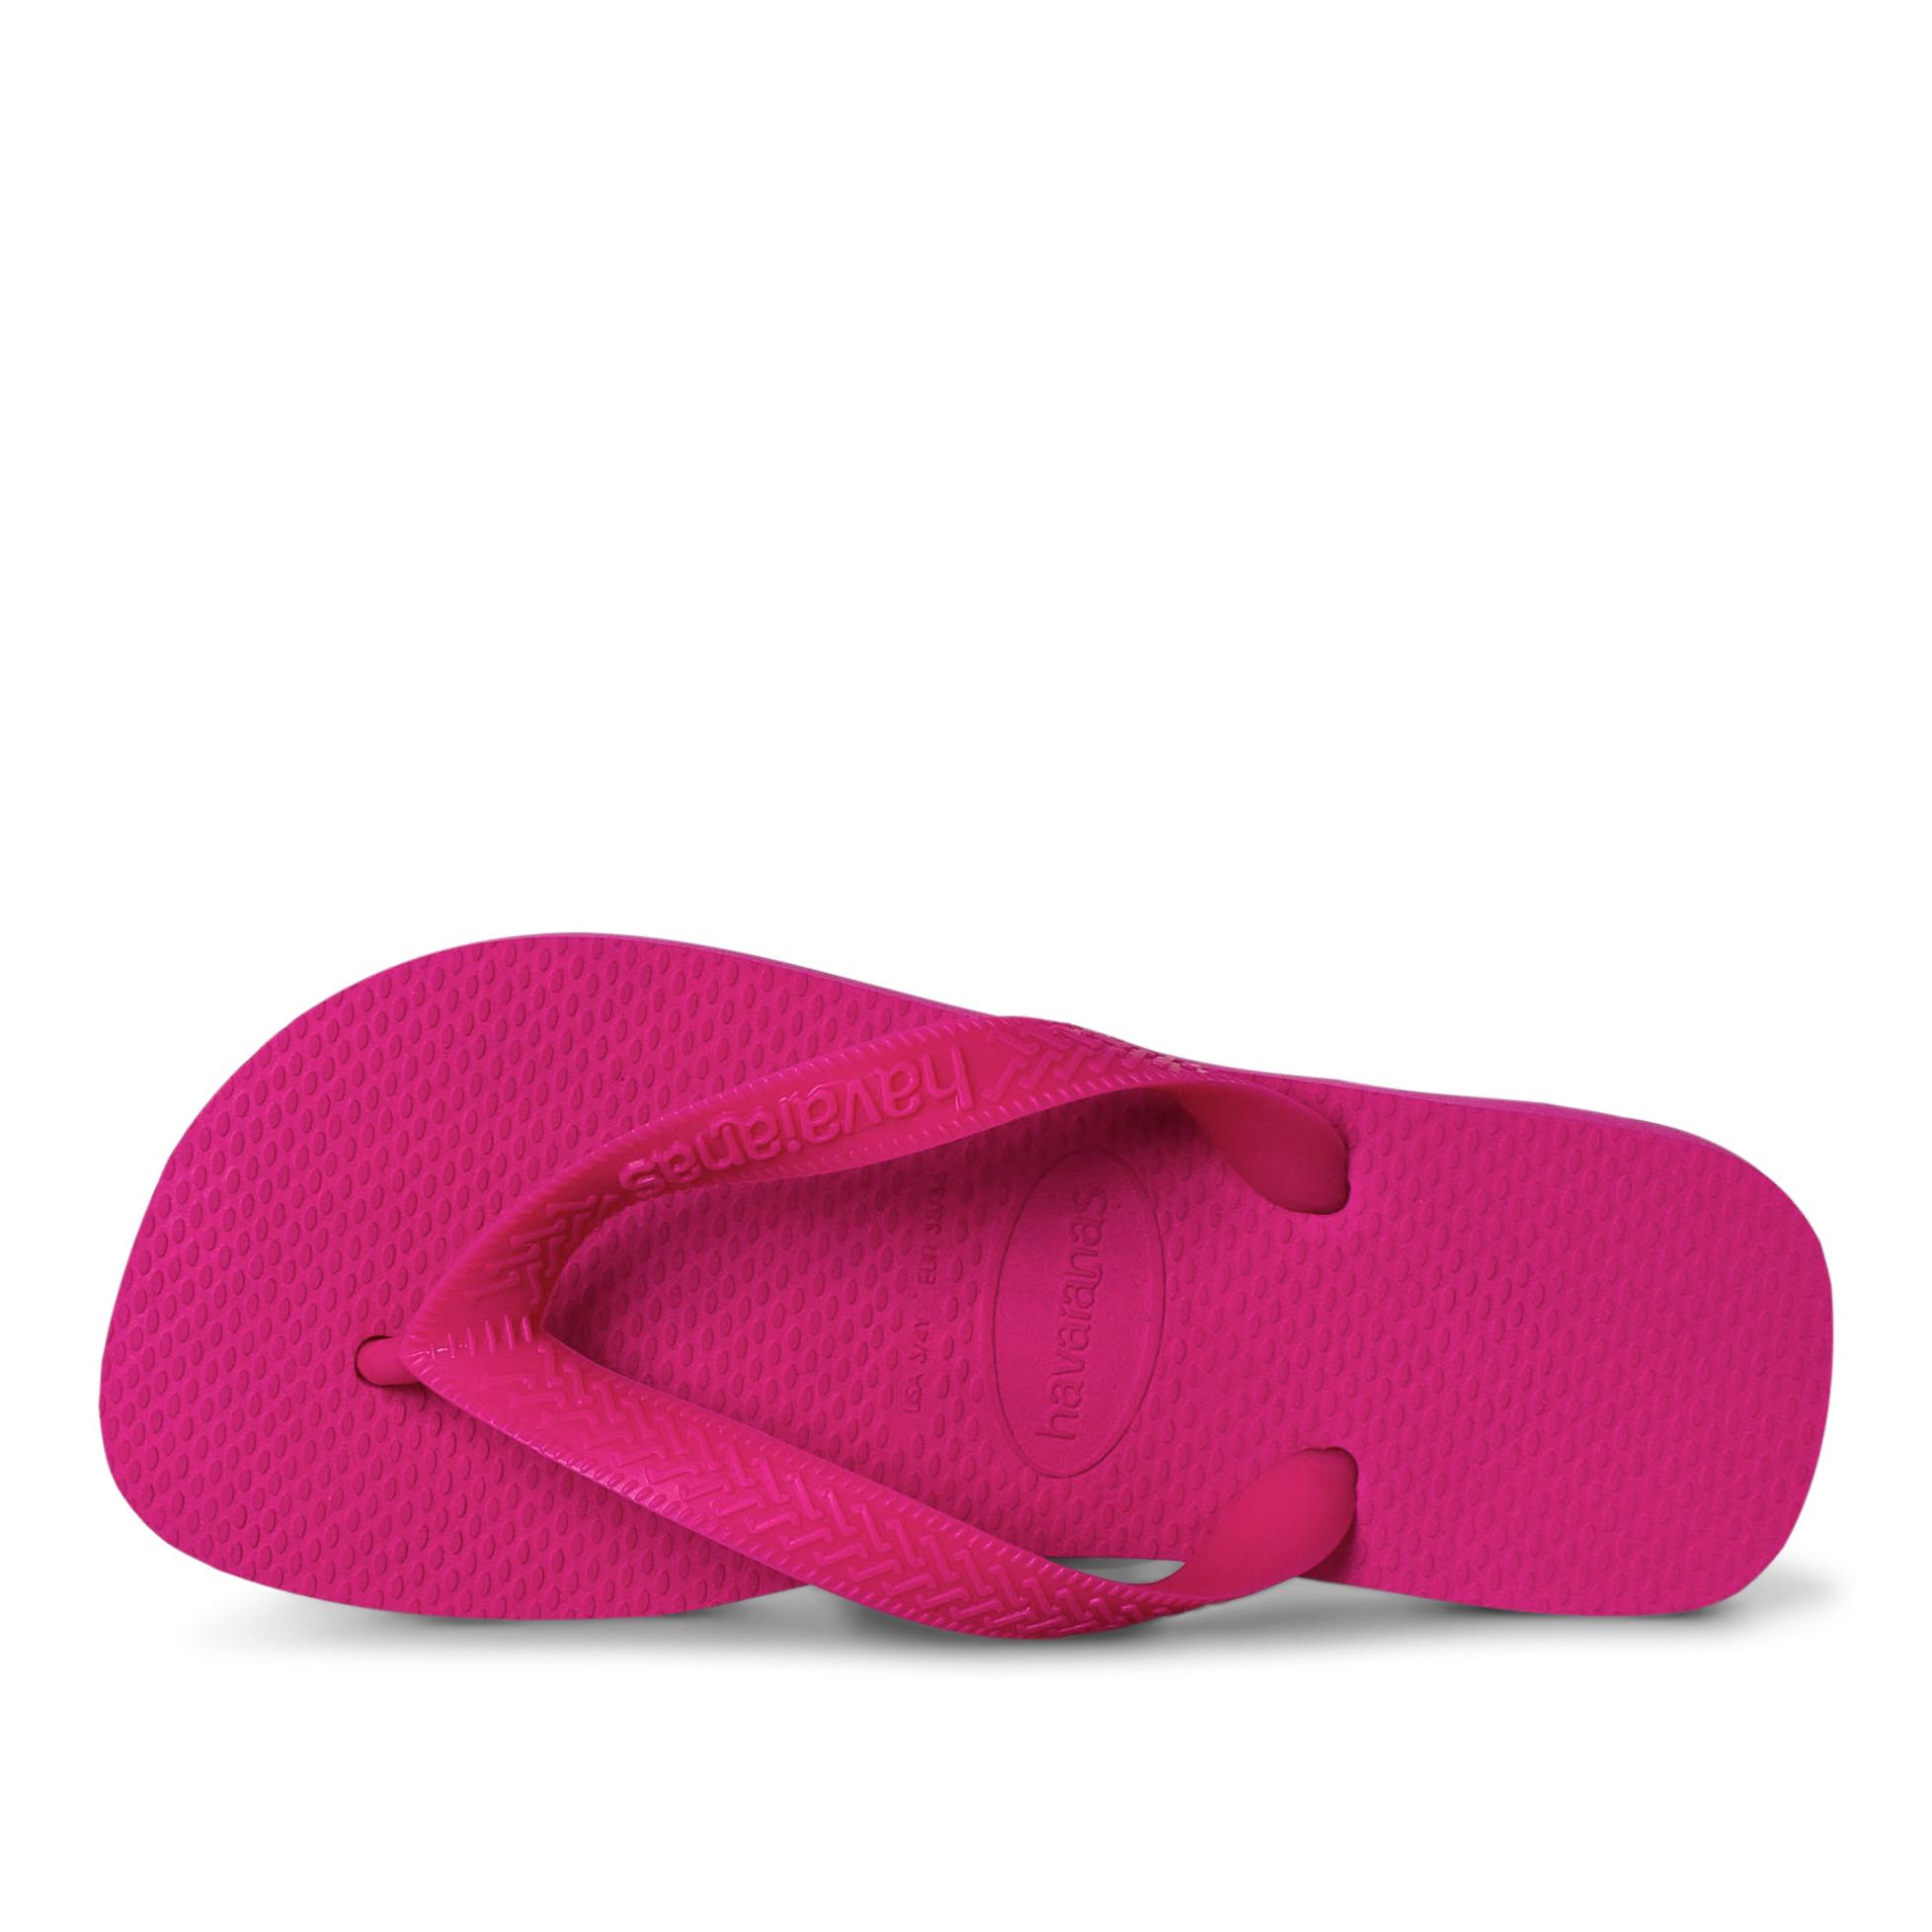 Havaianas klipklapper, pink, 35/36